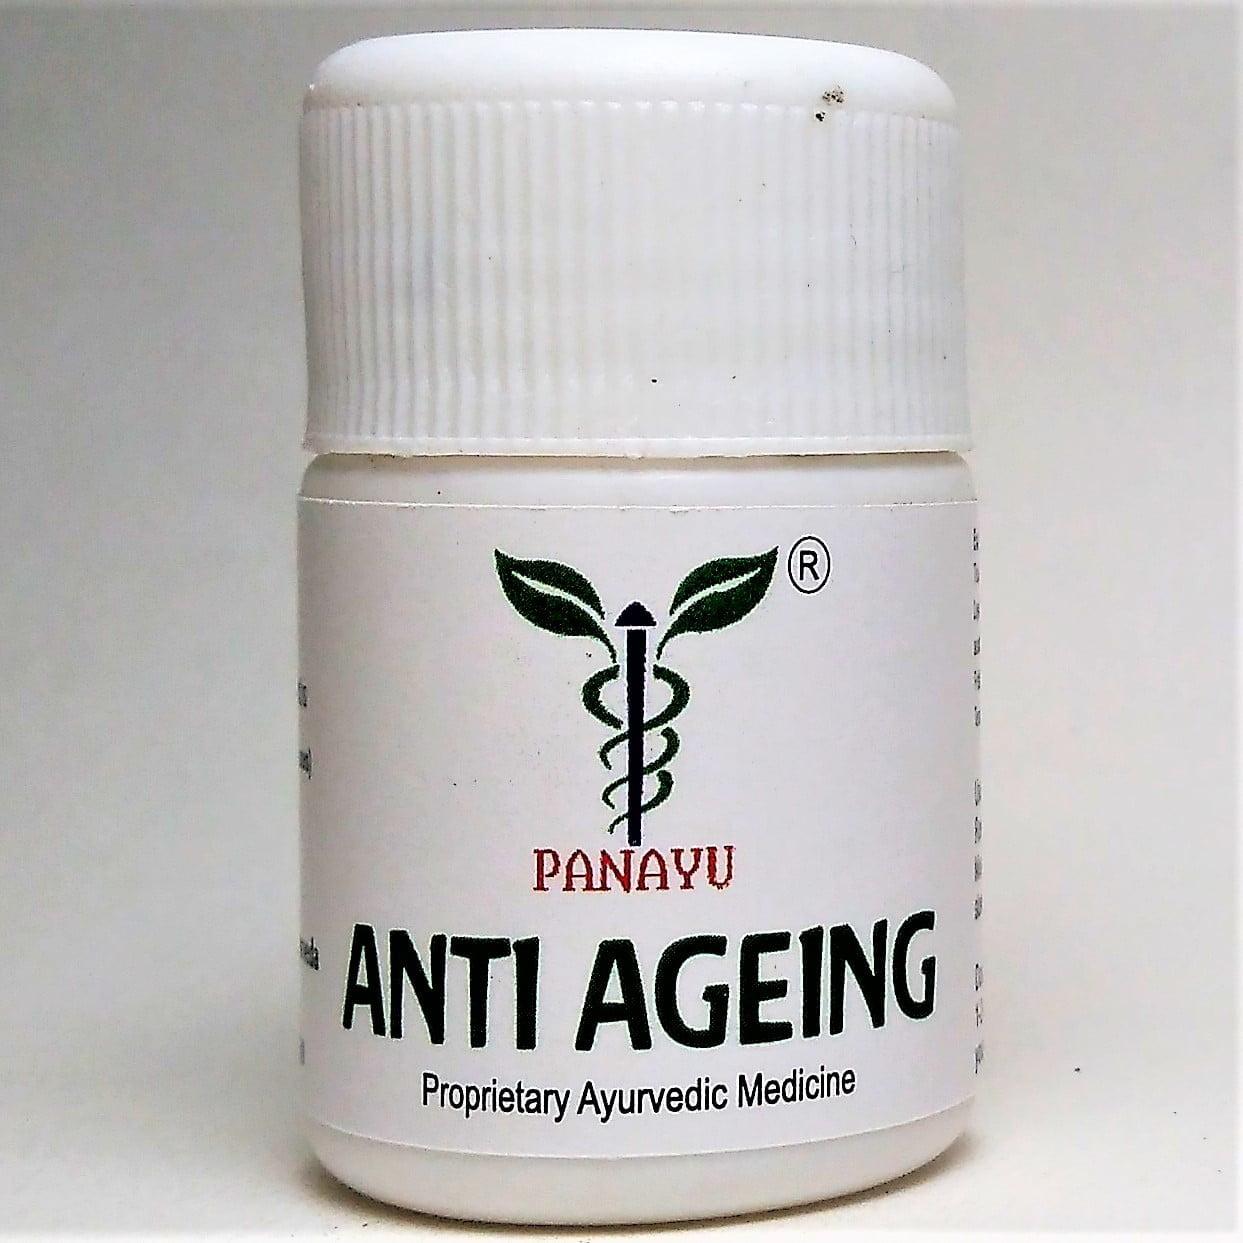 Panayu Anti Ageing 1